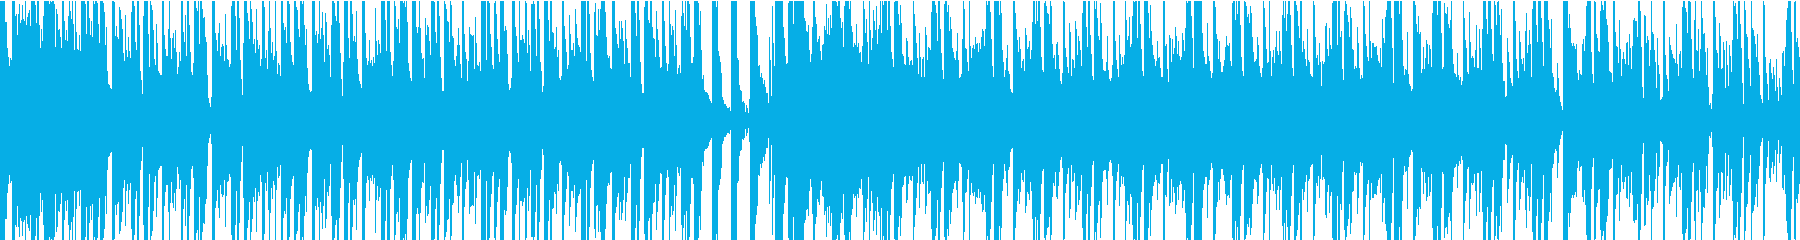 かわいいお洒落ネオ渋谷系ポップ(ループ)の再生済みの波形